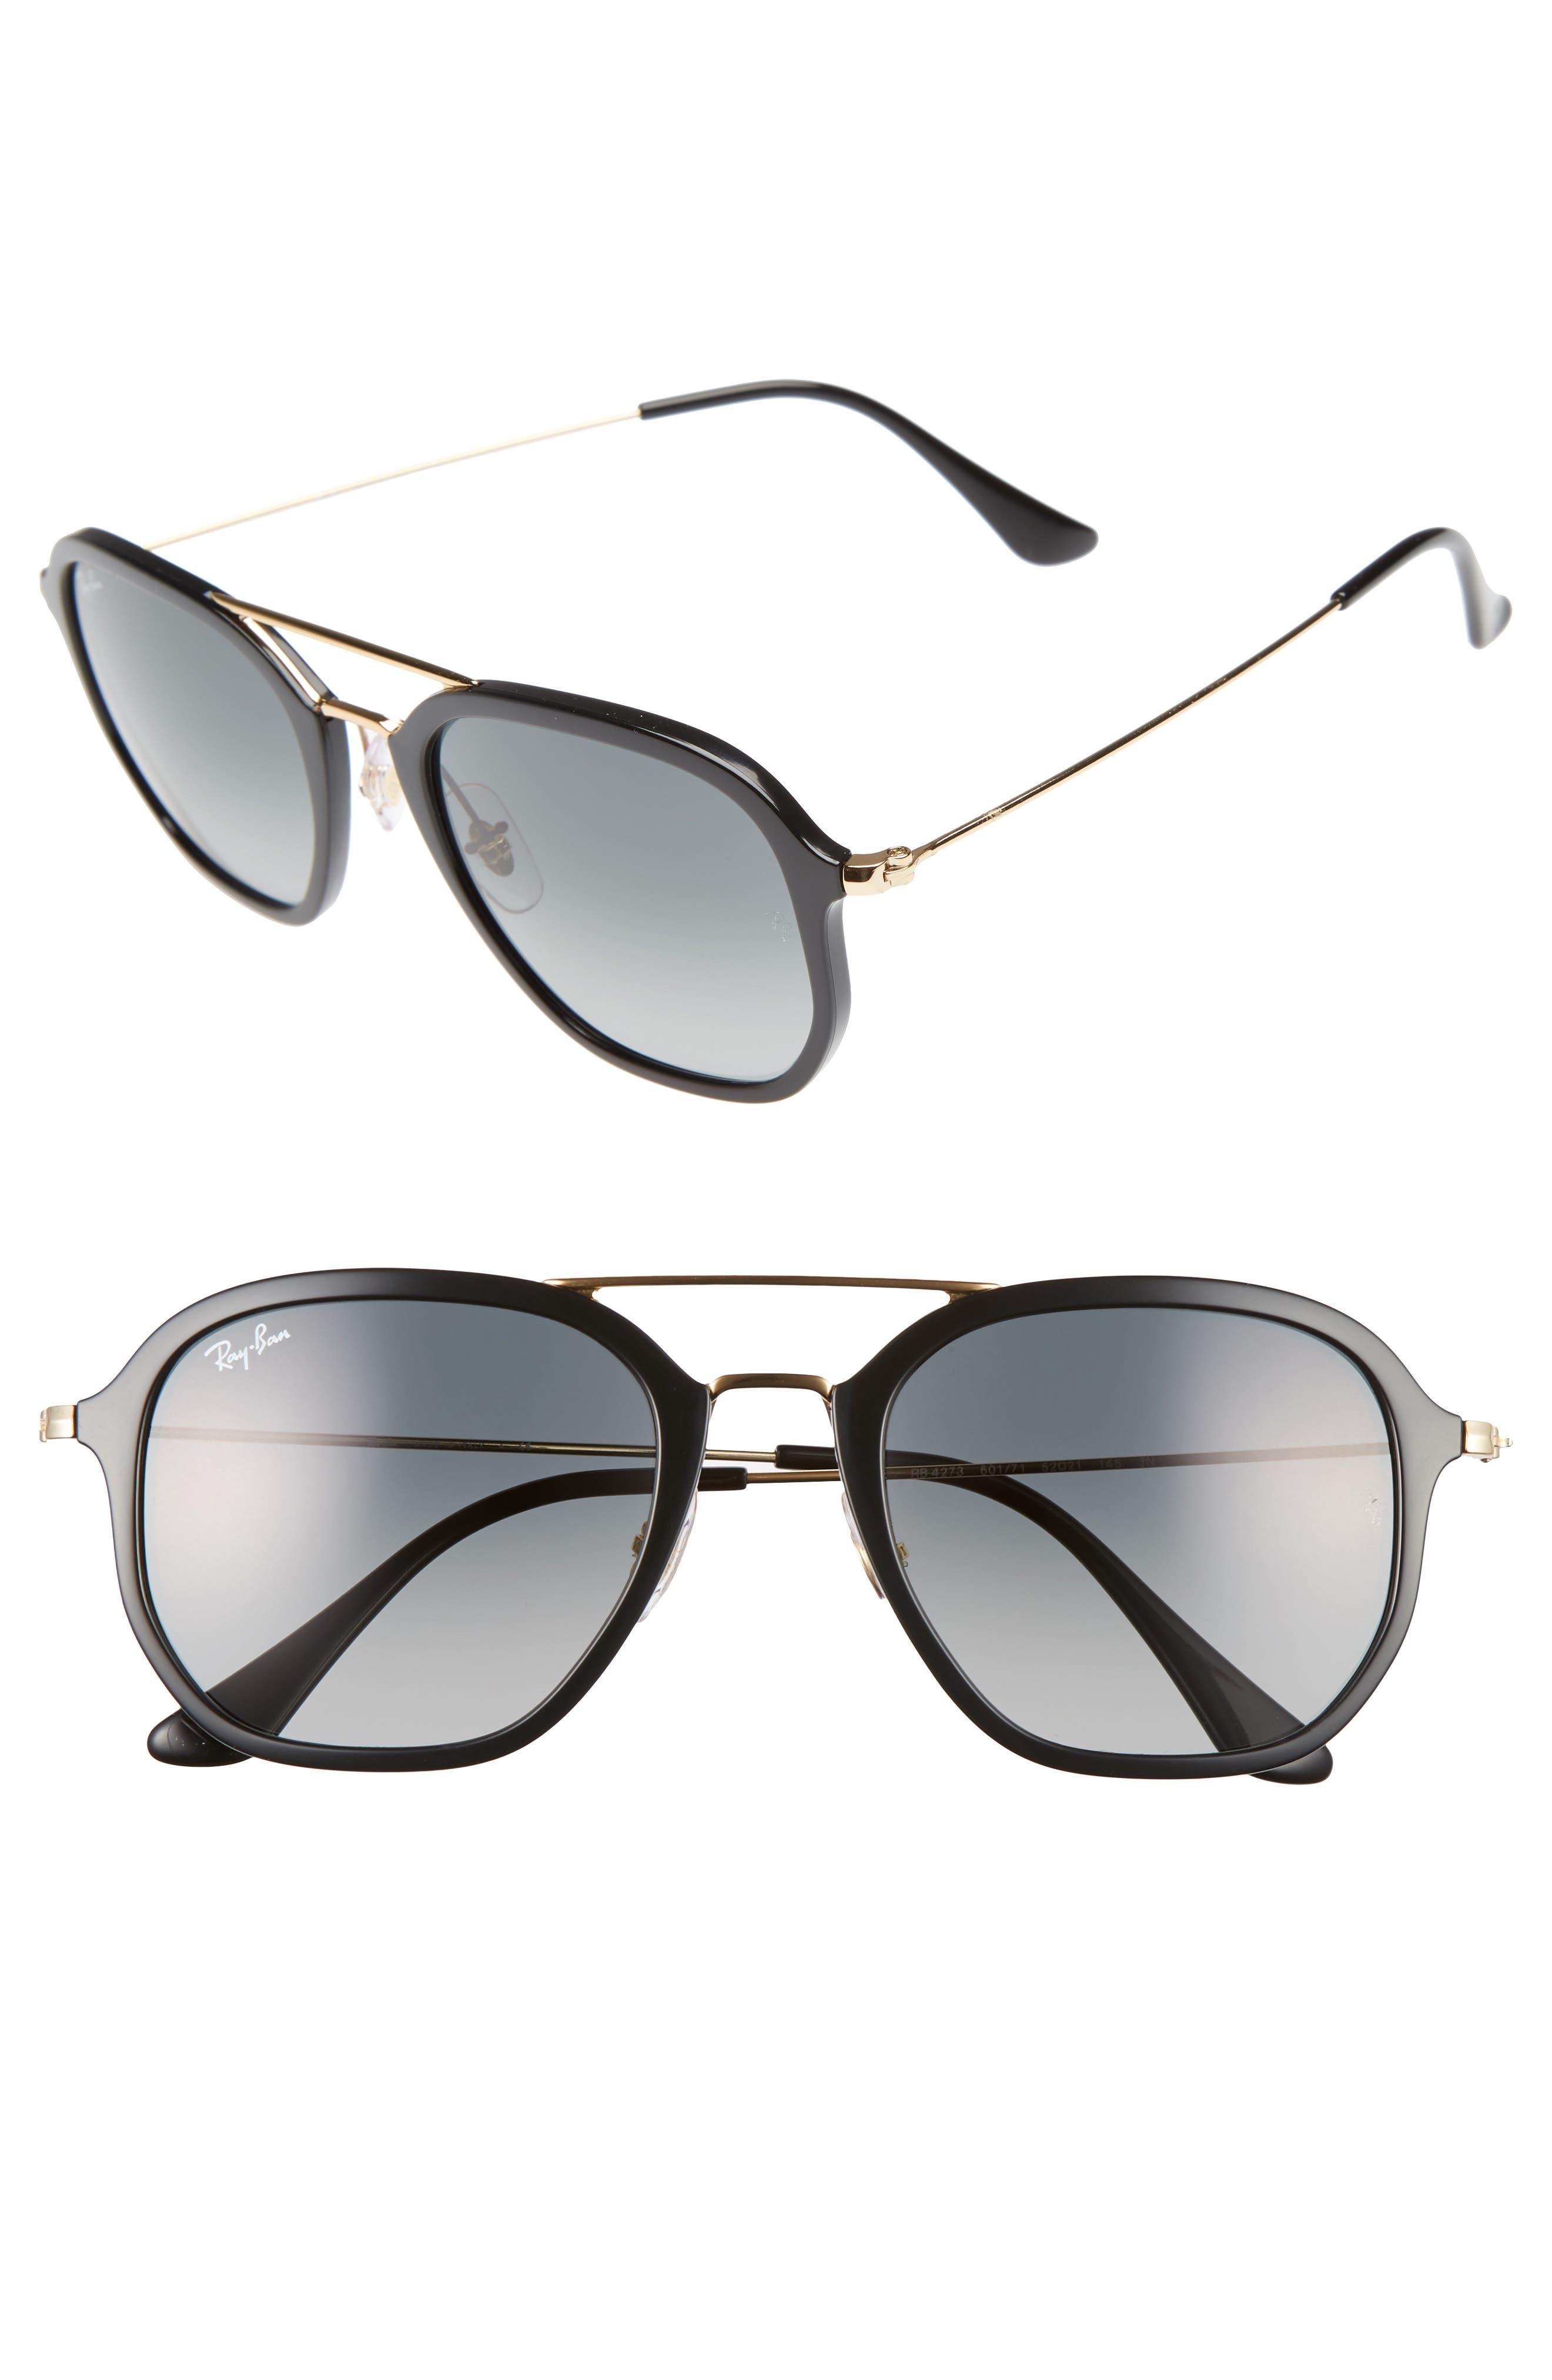 Main Image - Ray-Ban 52mm Square Sunglasses